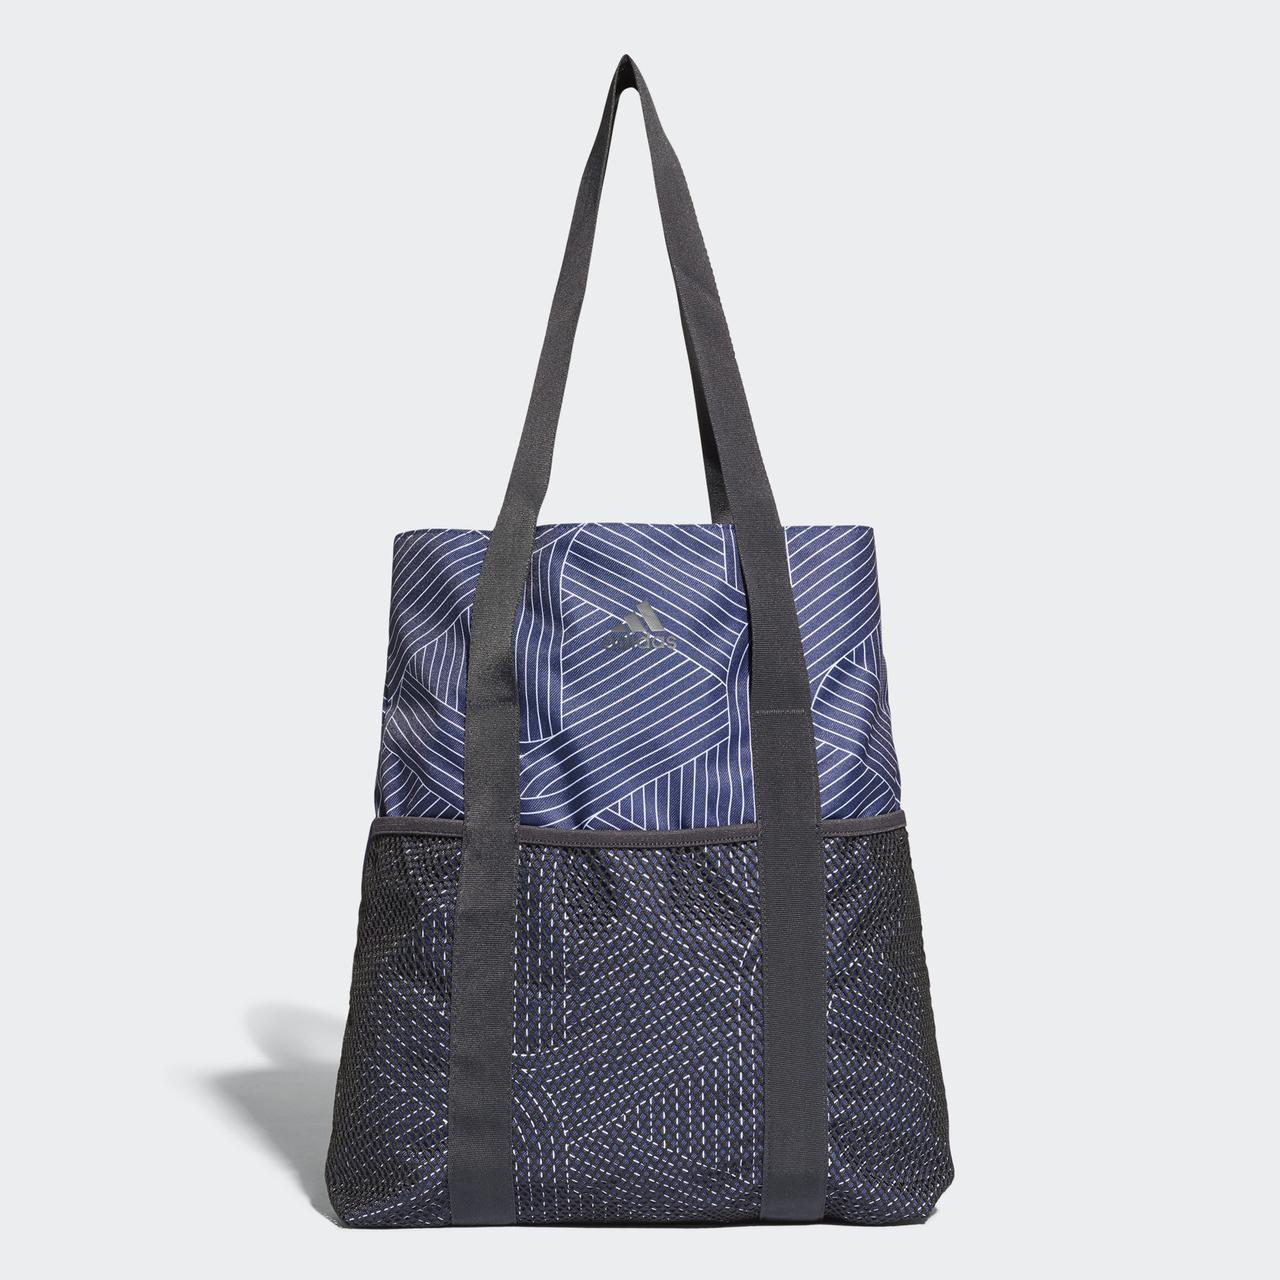 33b80ca0 Спортивная сумка Core Shopper: продажа, цена в Харькове. спортивные ...